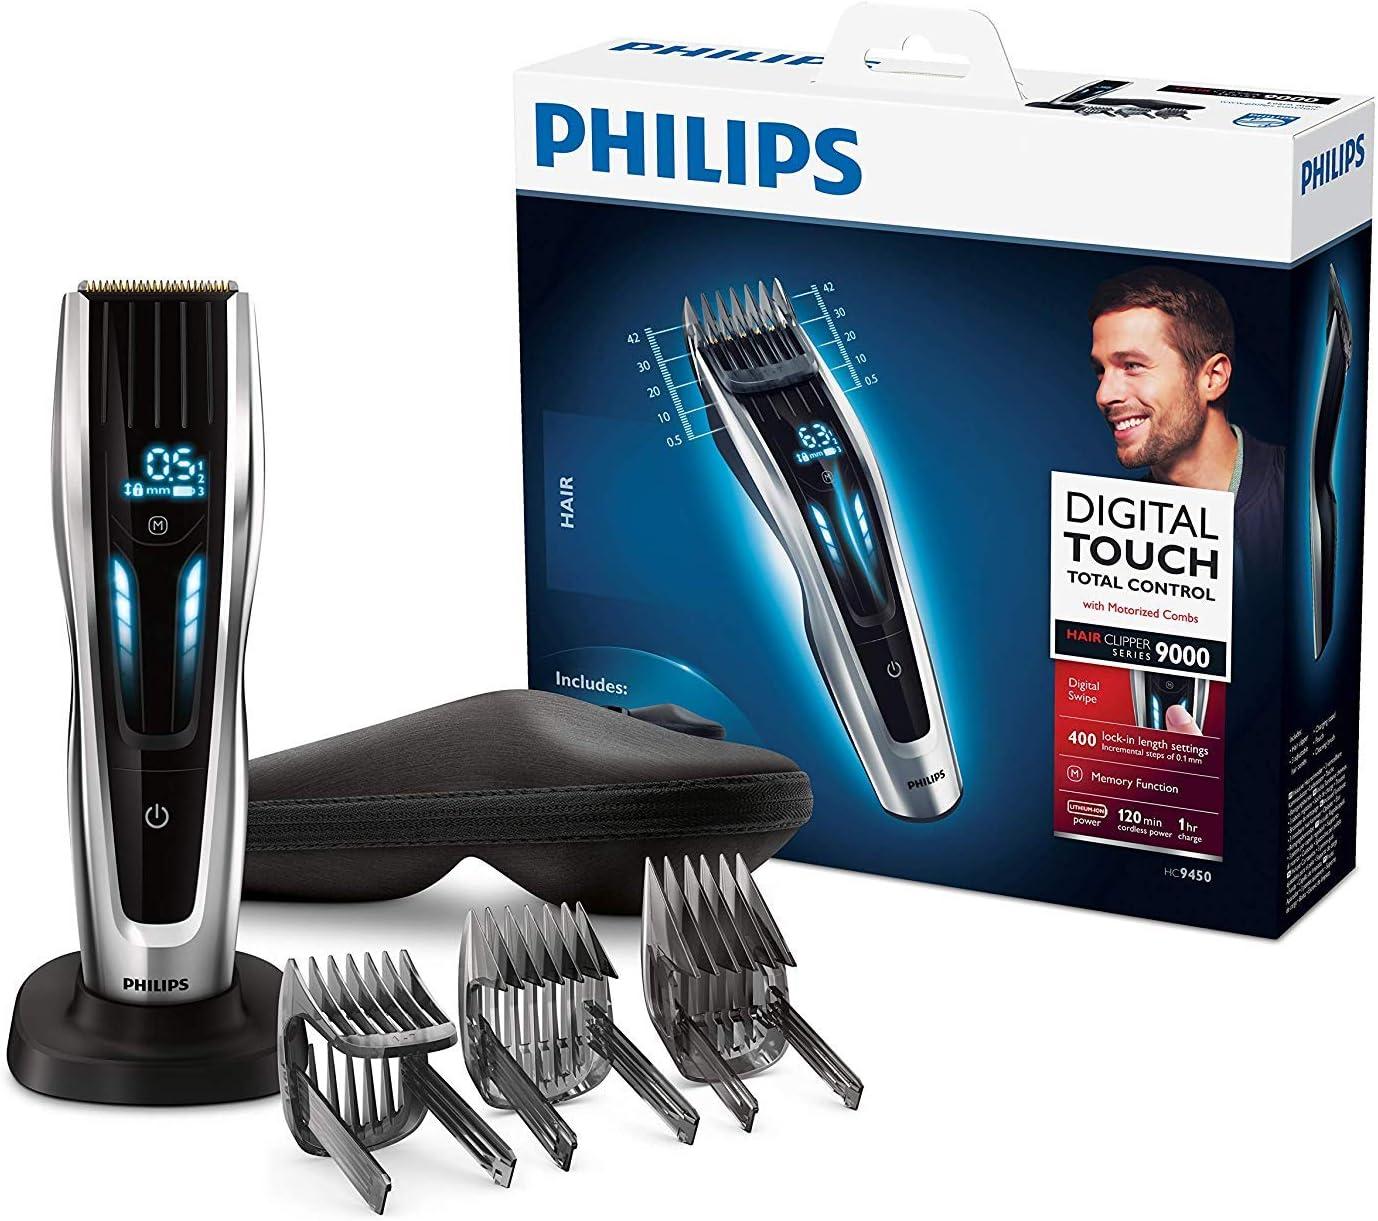 Philips HC9450/20 - Cortapelos con cuchillas de titanio, 3 peines-guía motorizados, con interfaz de cambio digital, soporte de carga y funda, negro, ac / batería